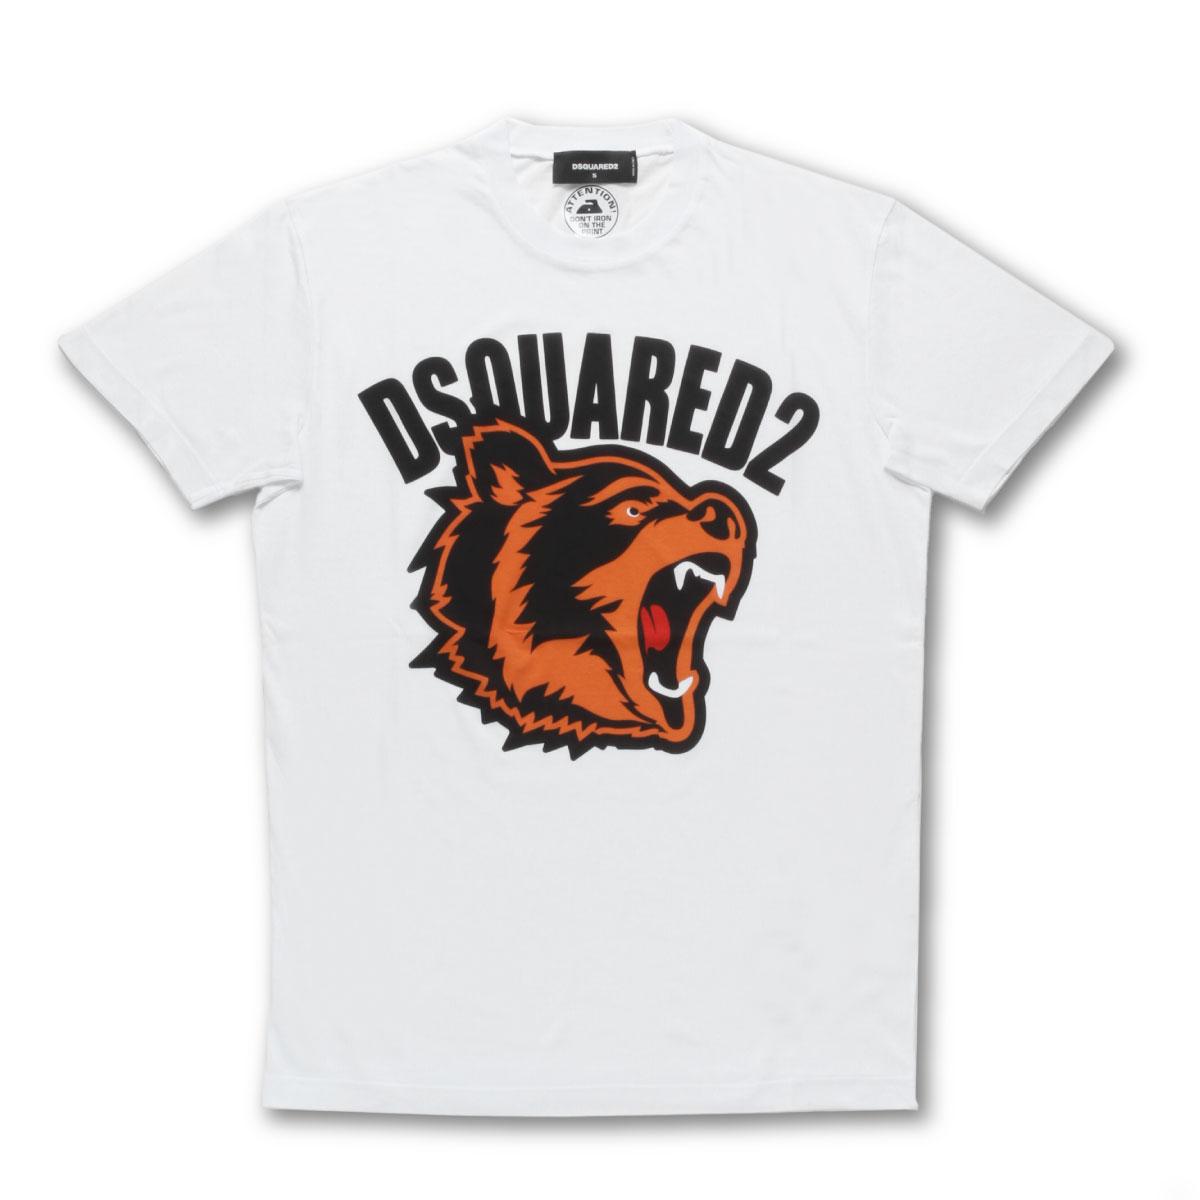 ディースクエアード DSQUARED 2 Tシャツ メンズ S74GD0584 S21600 100 半袖Tシャツ BIG BEAR ビッグ ベア WHITE ホワイト